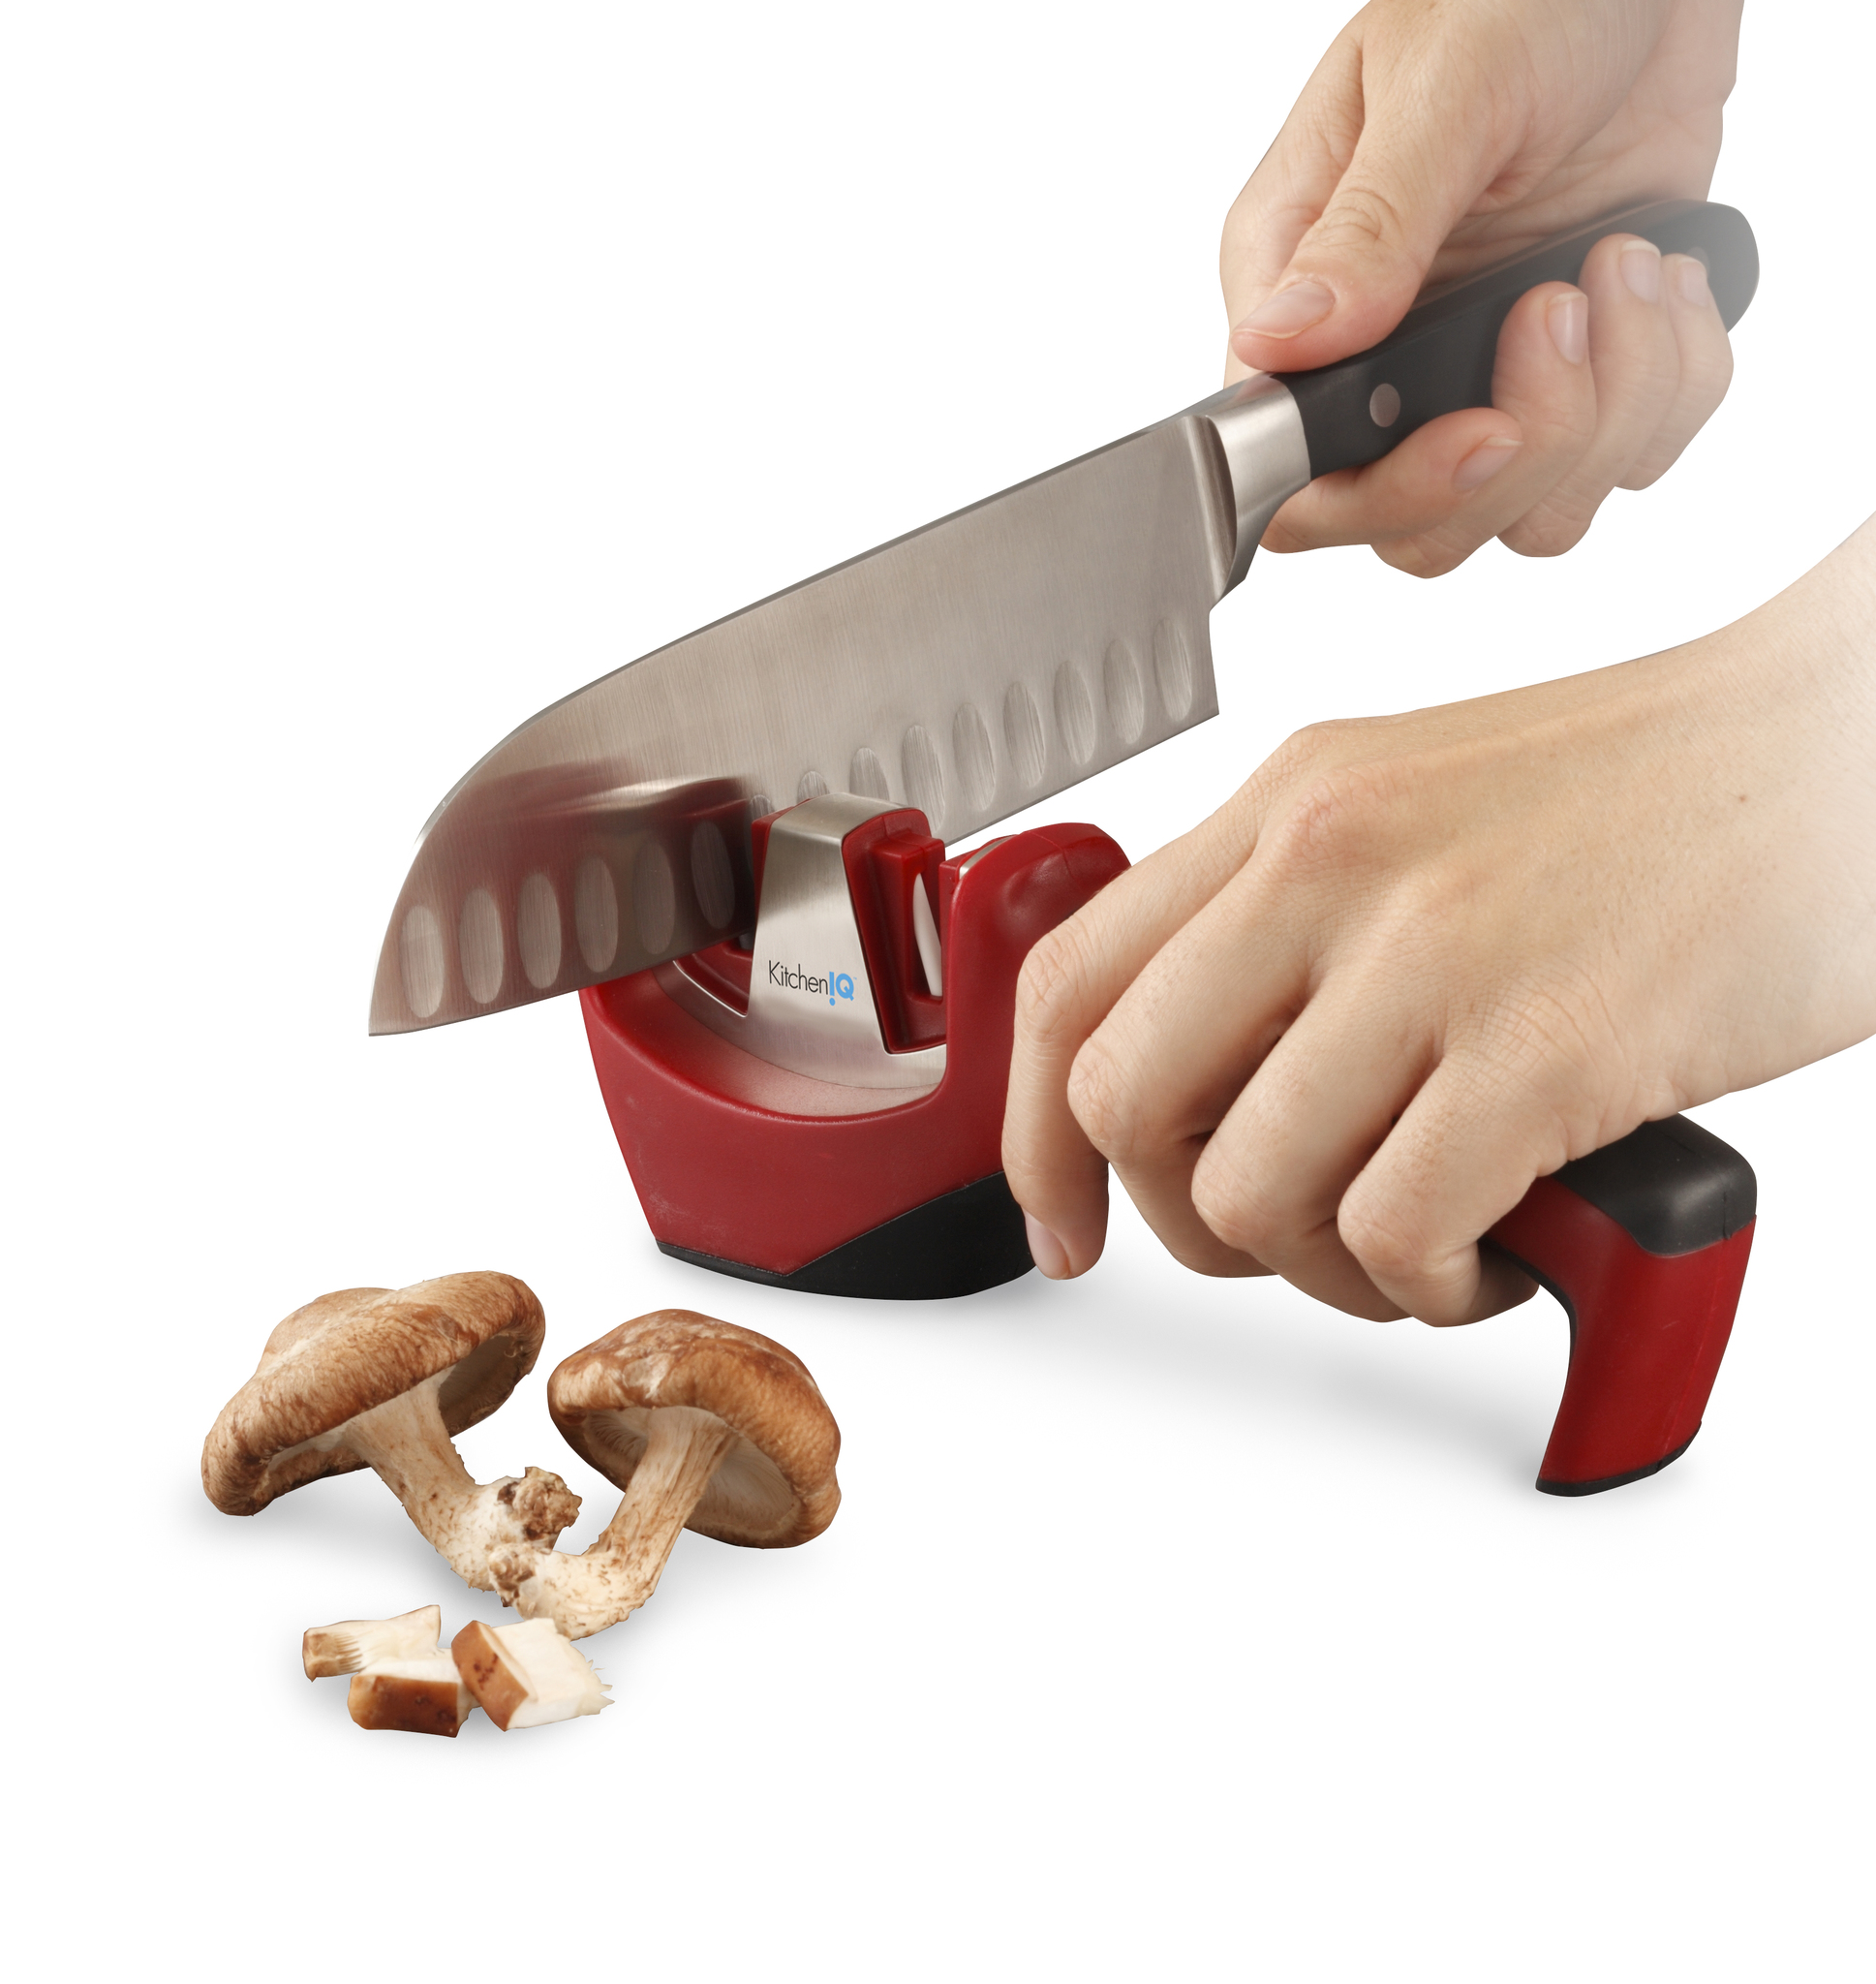 Точилка для ножей механическая KitchenIQ 50024